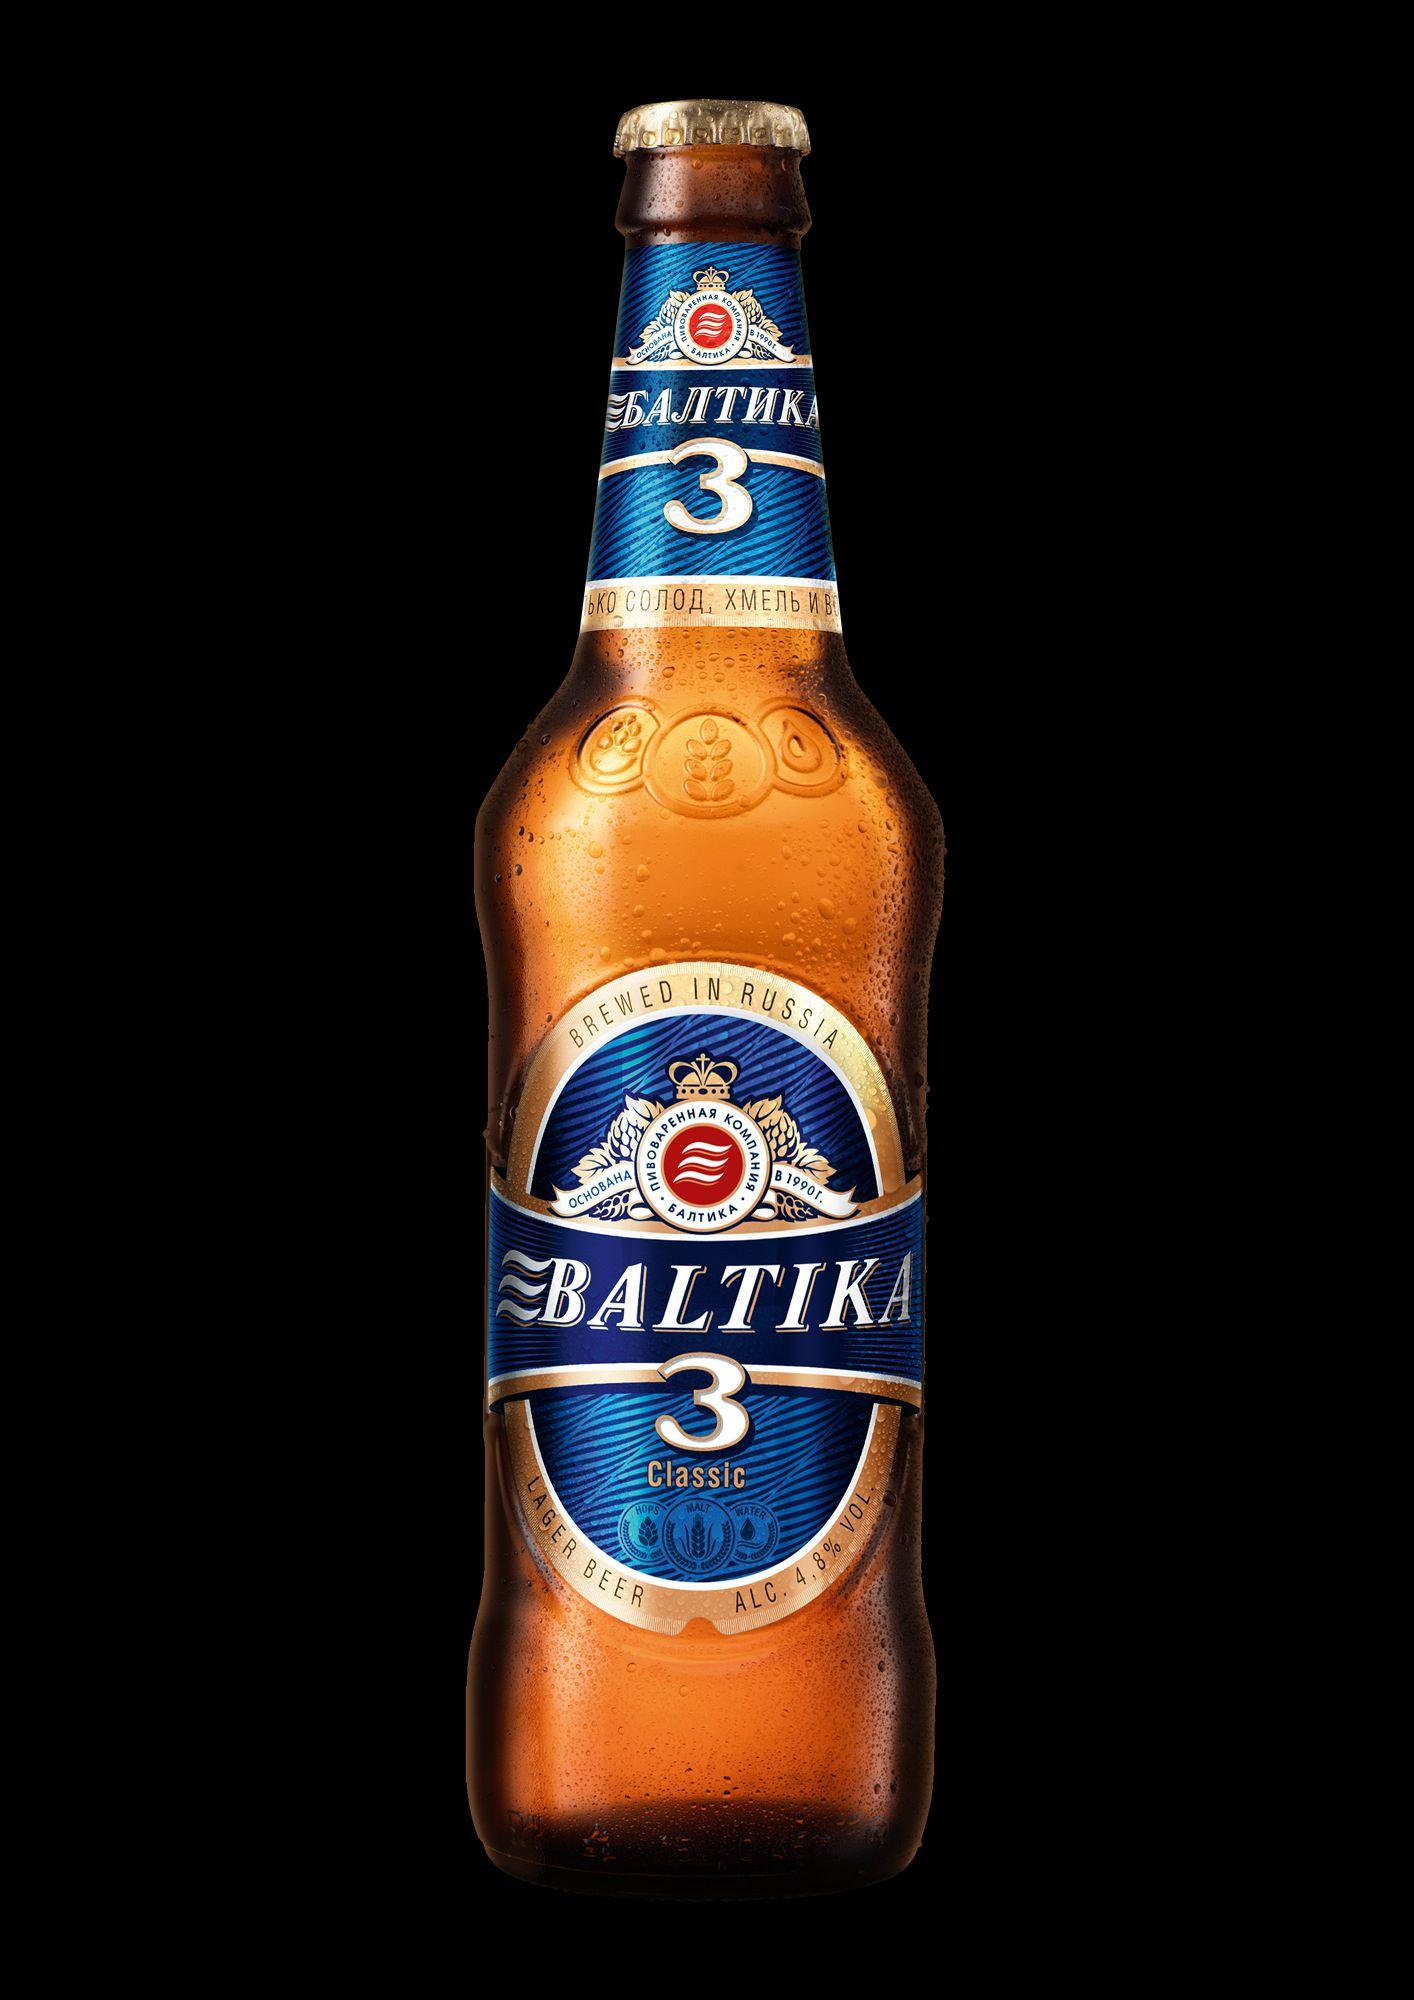 בירה בלטיקה מספר 3